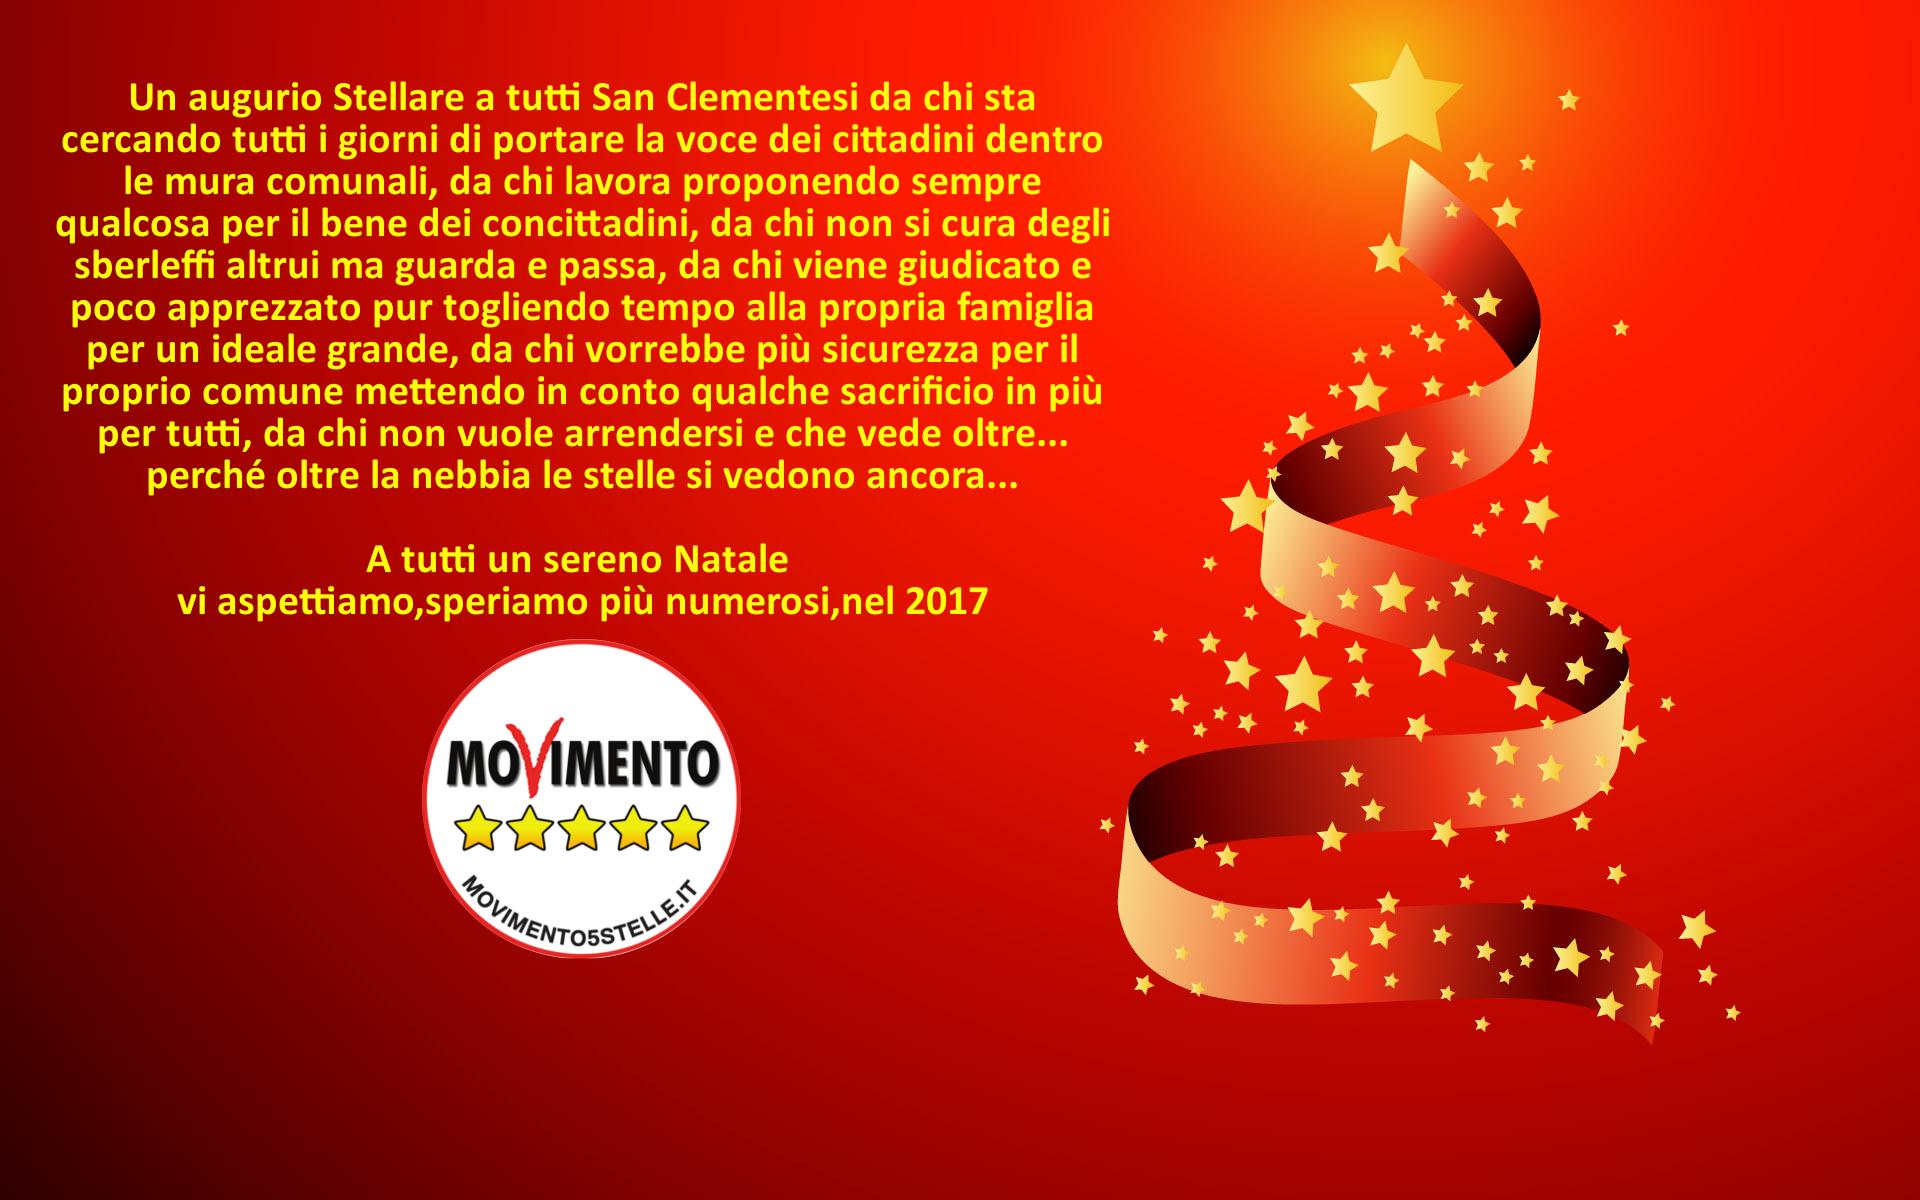 Immagini Natale Movimento.Auguri Di Buon Natale Dal M5s Di San Clemente Movimento 5 Stelle